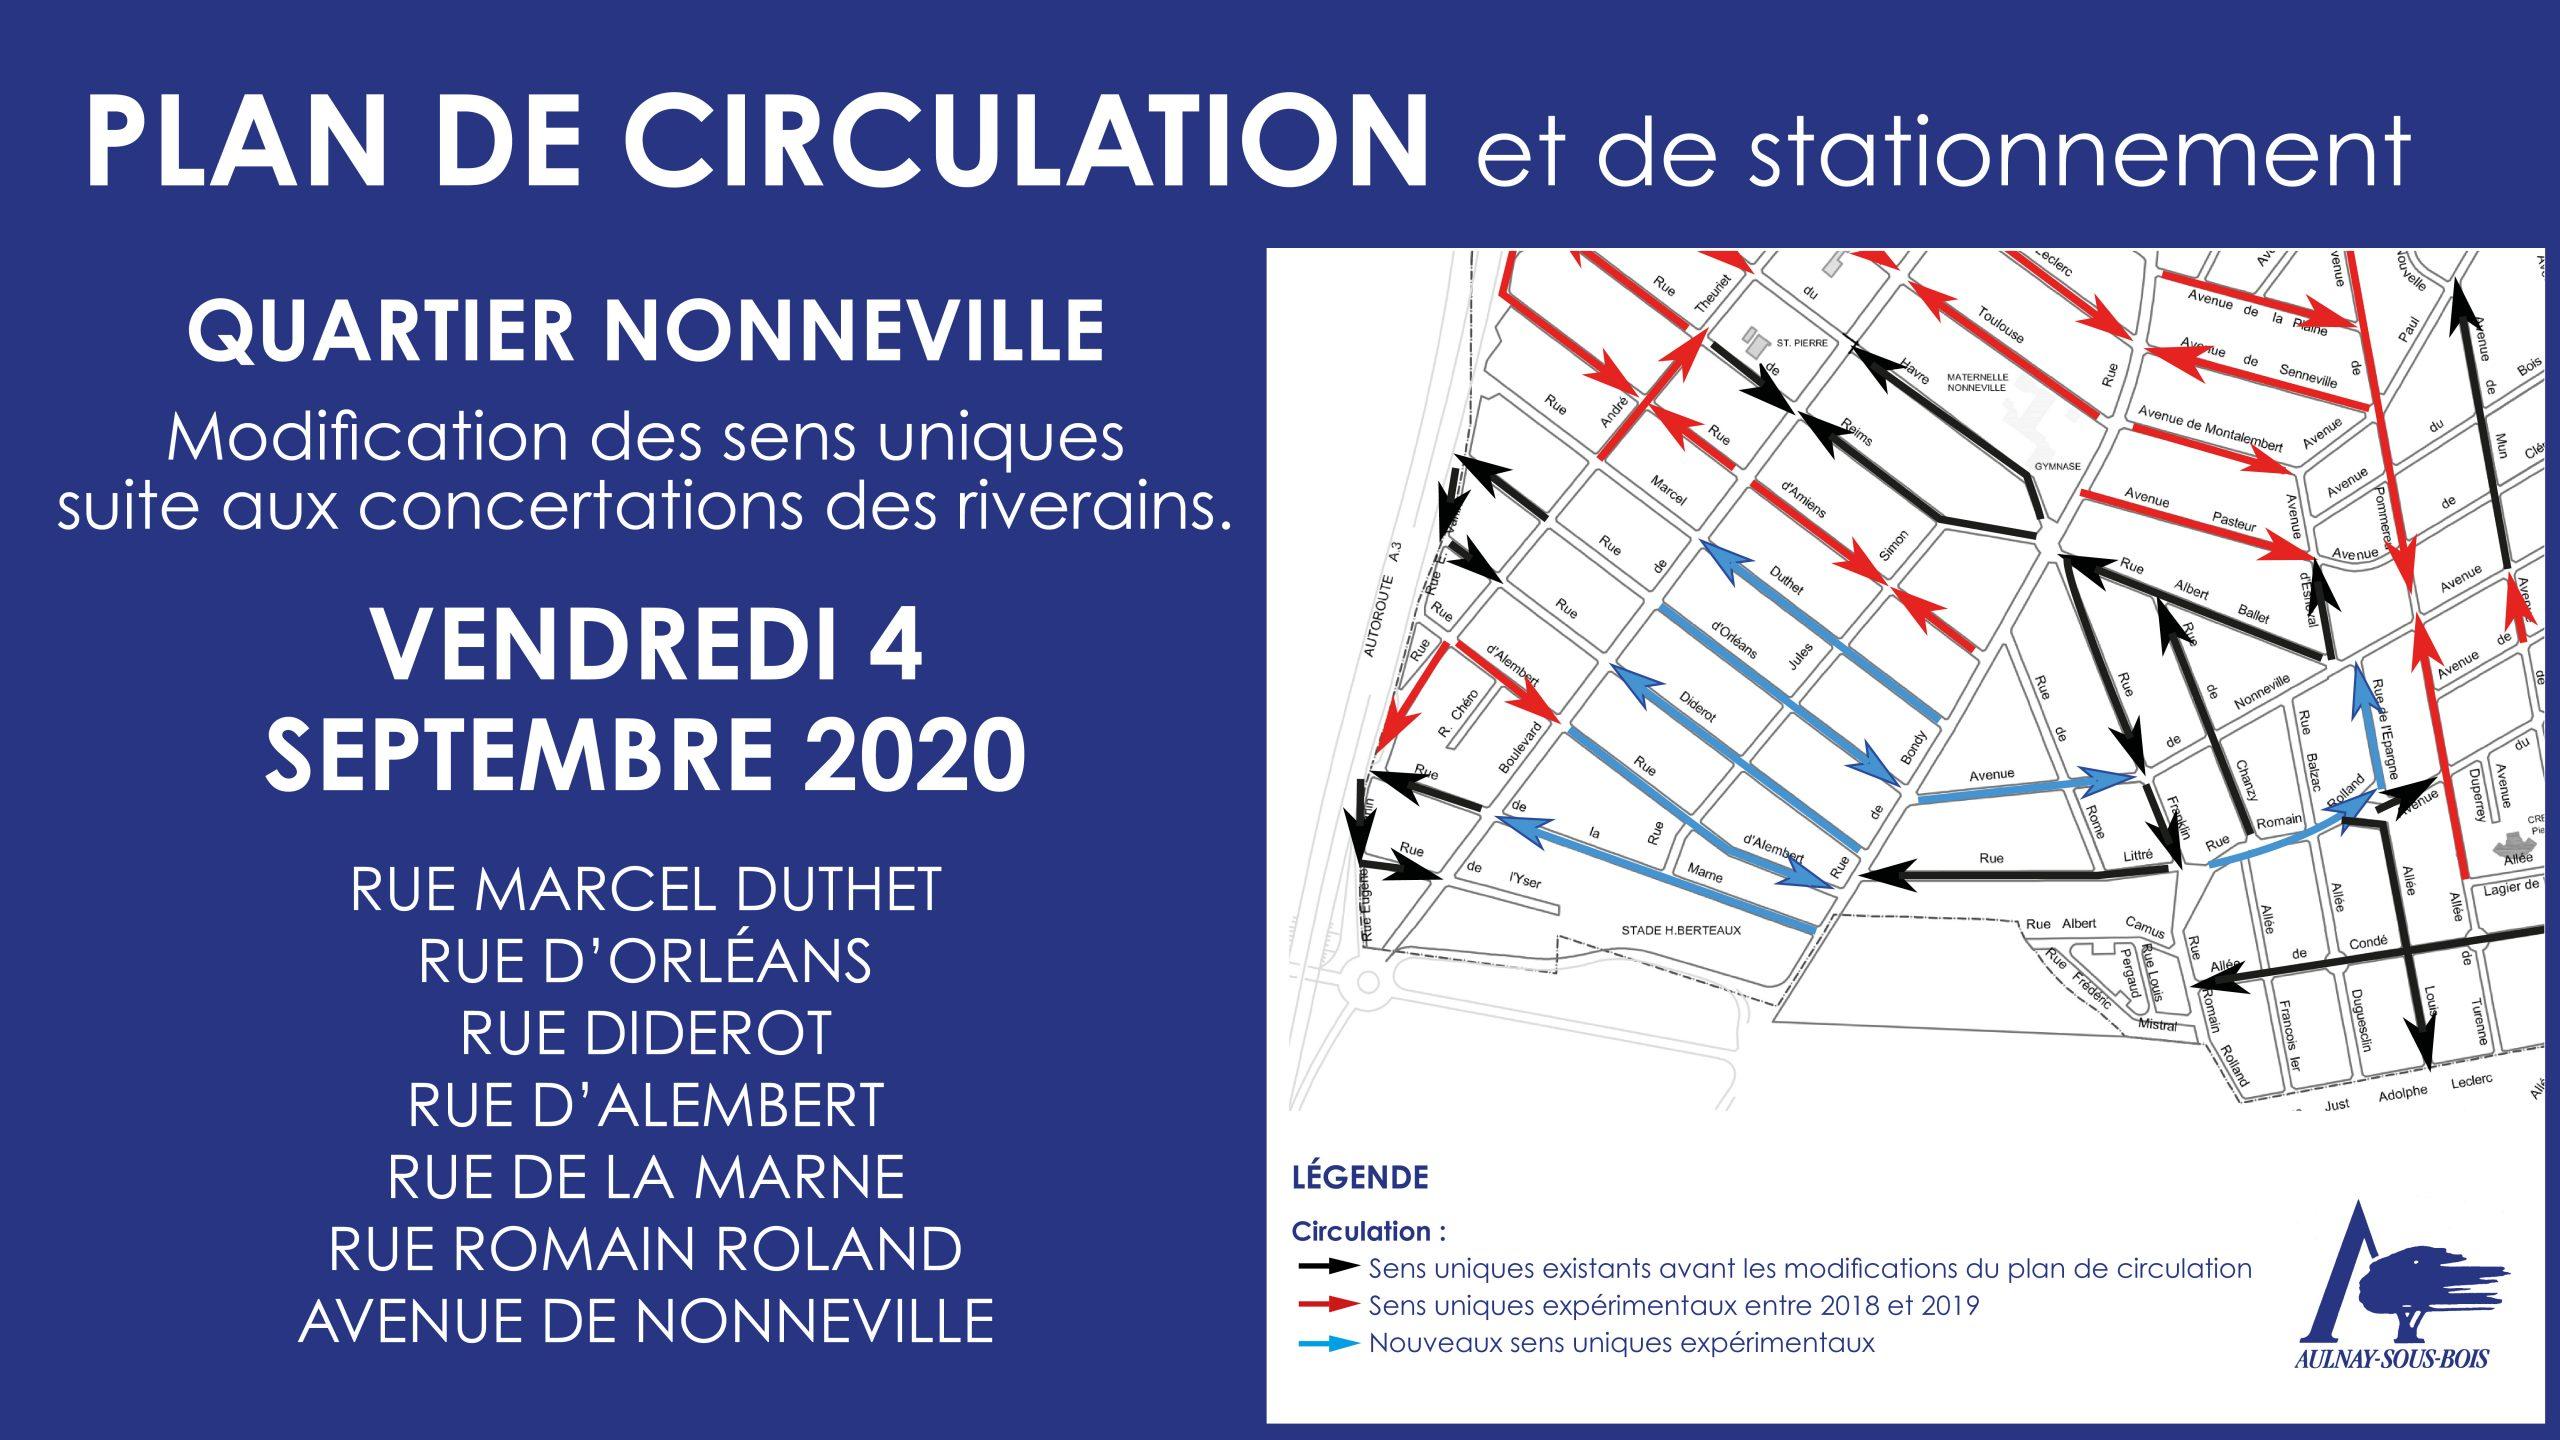 Plan de circulation et de stationnement 4 septembre 2020